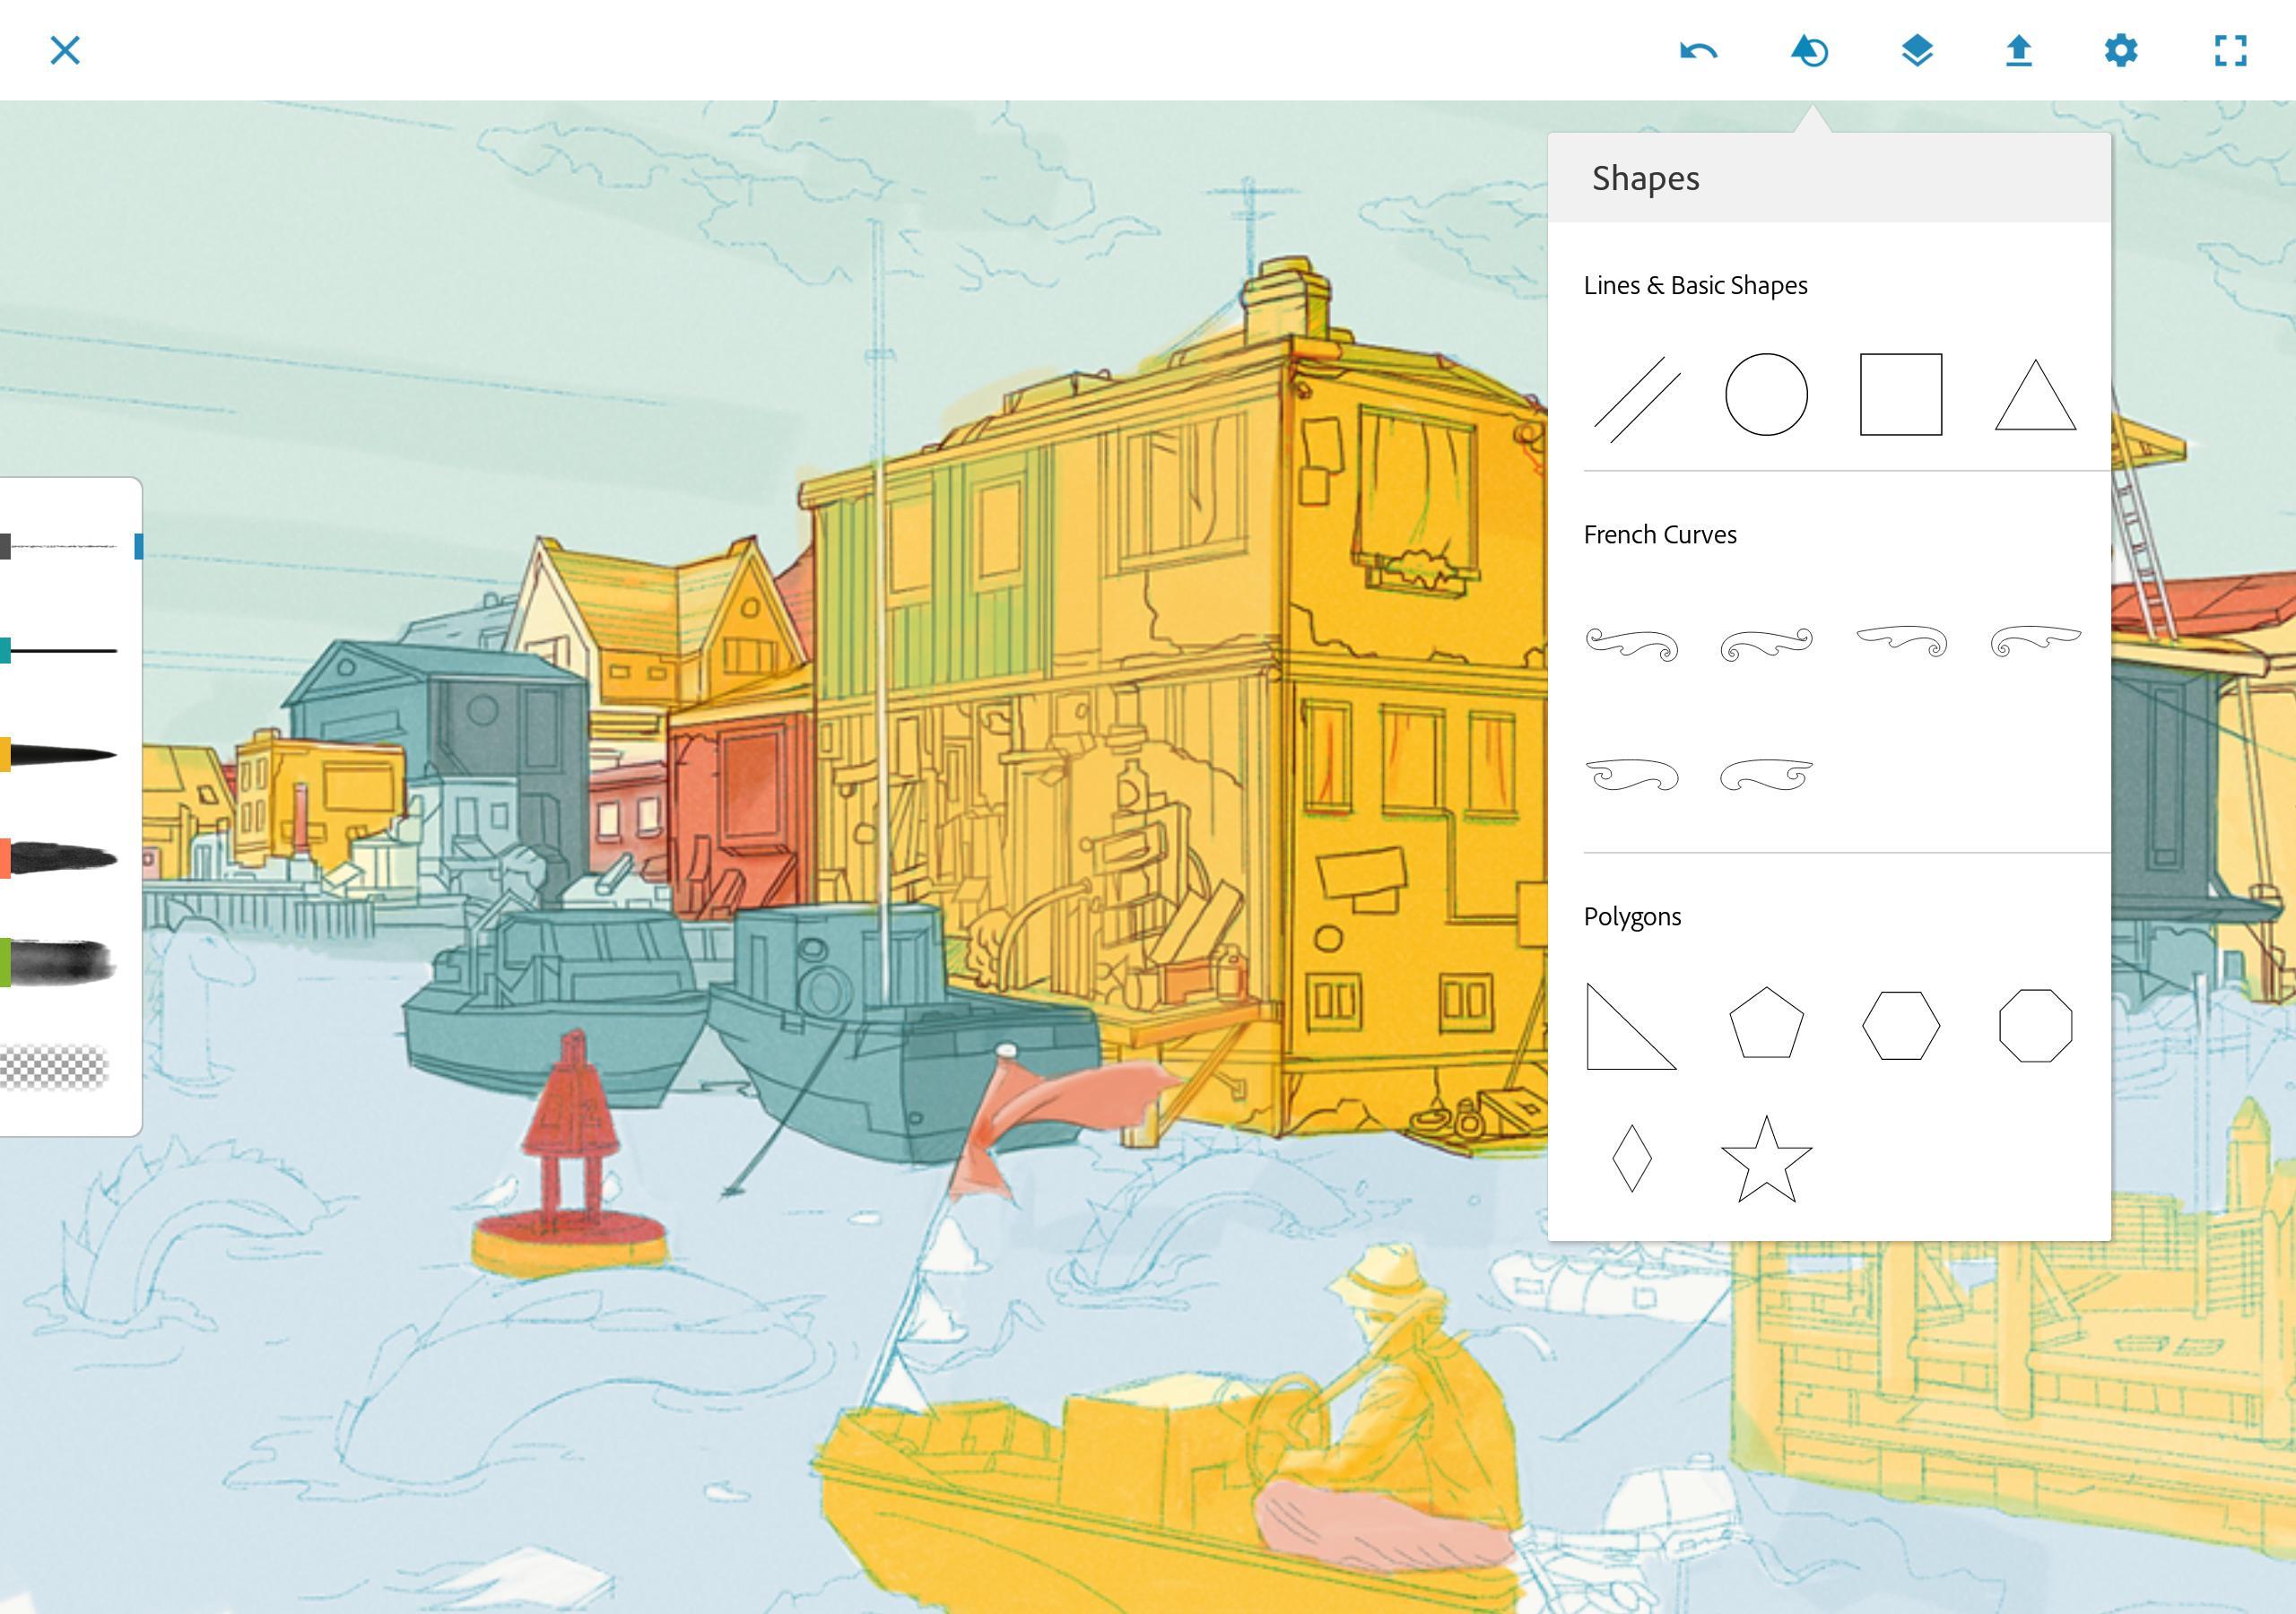 تطبيق Adobe تطبيقات الرسم على الاندرويد و الايفونPhotoshop Sketch